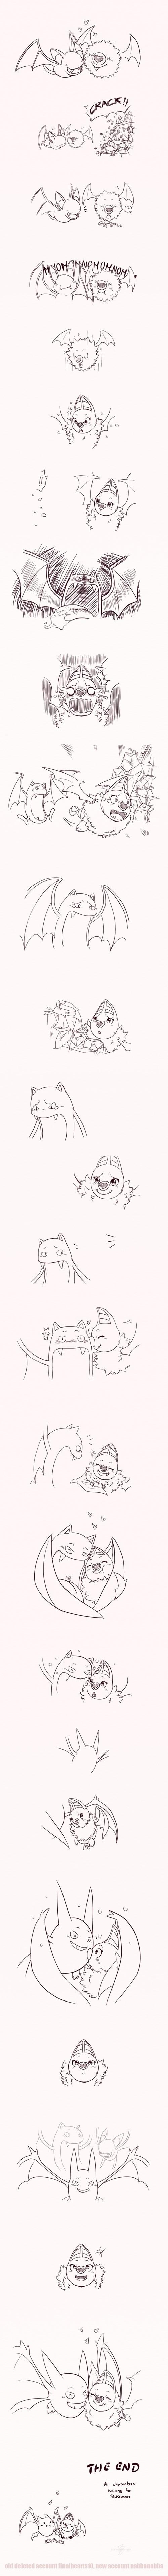 Pokémon,swoobat,bats,golbat